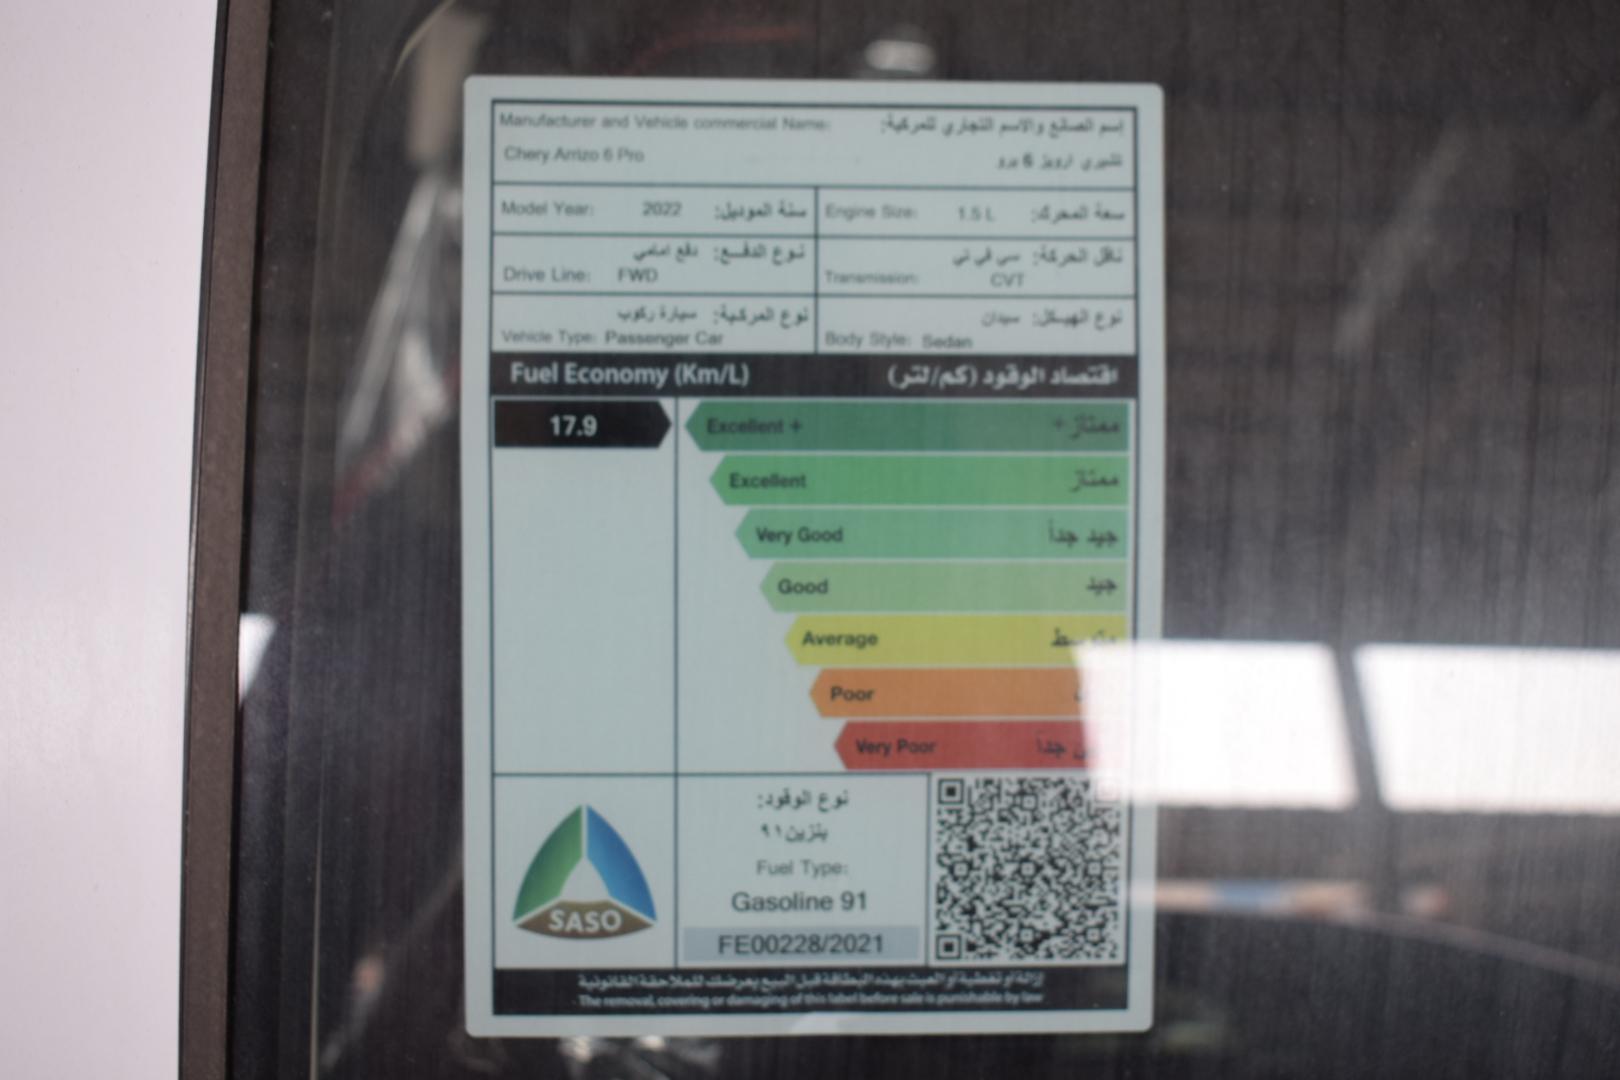 شيري اريزو 6 2022 نص فل سعودي للبيع في جدة - السعودية - صورة كبيرة - 9